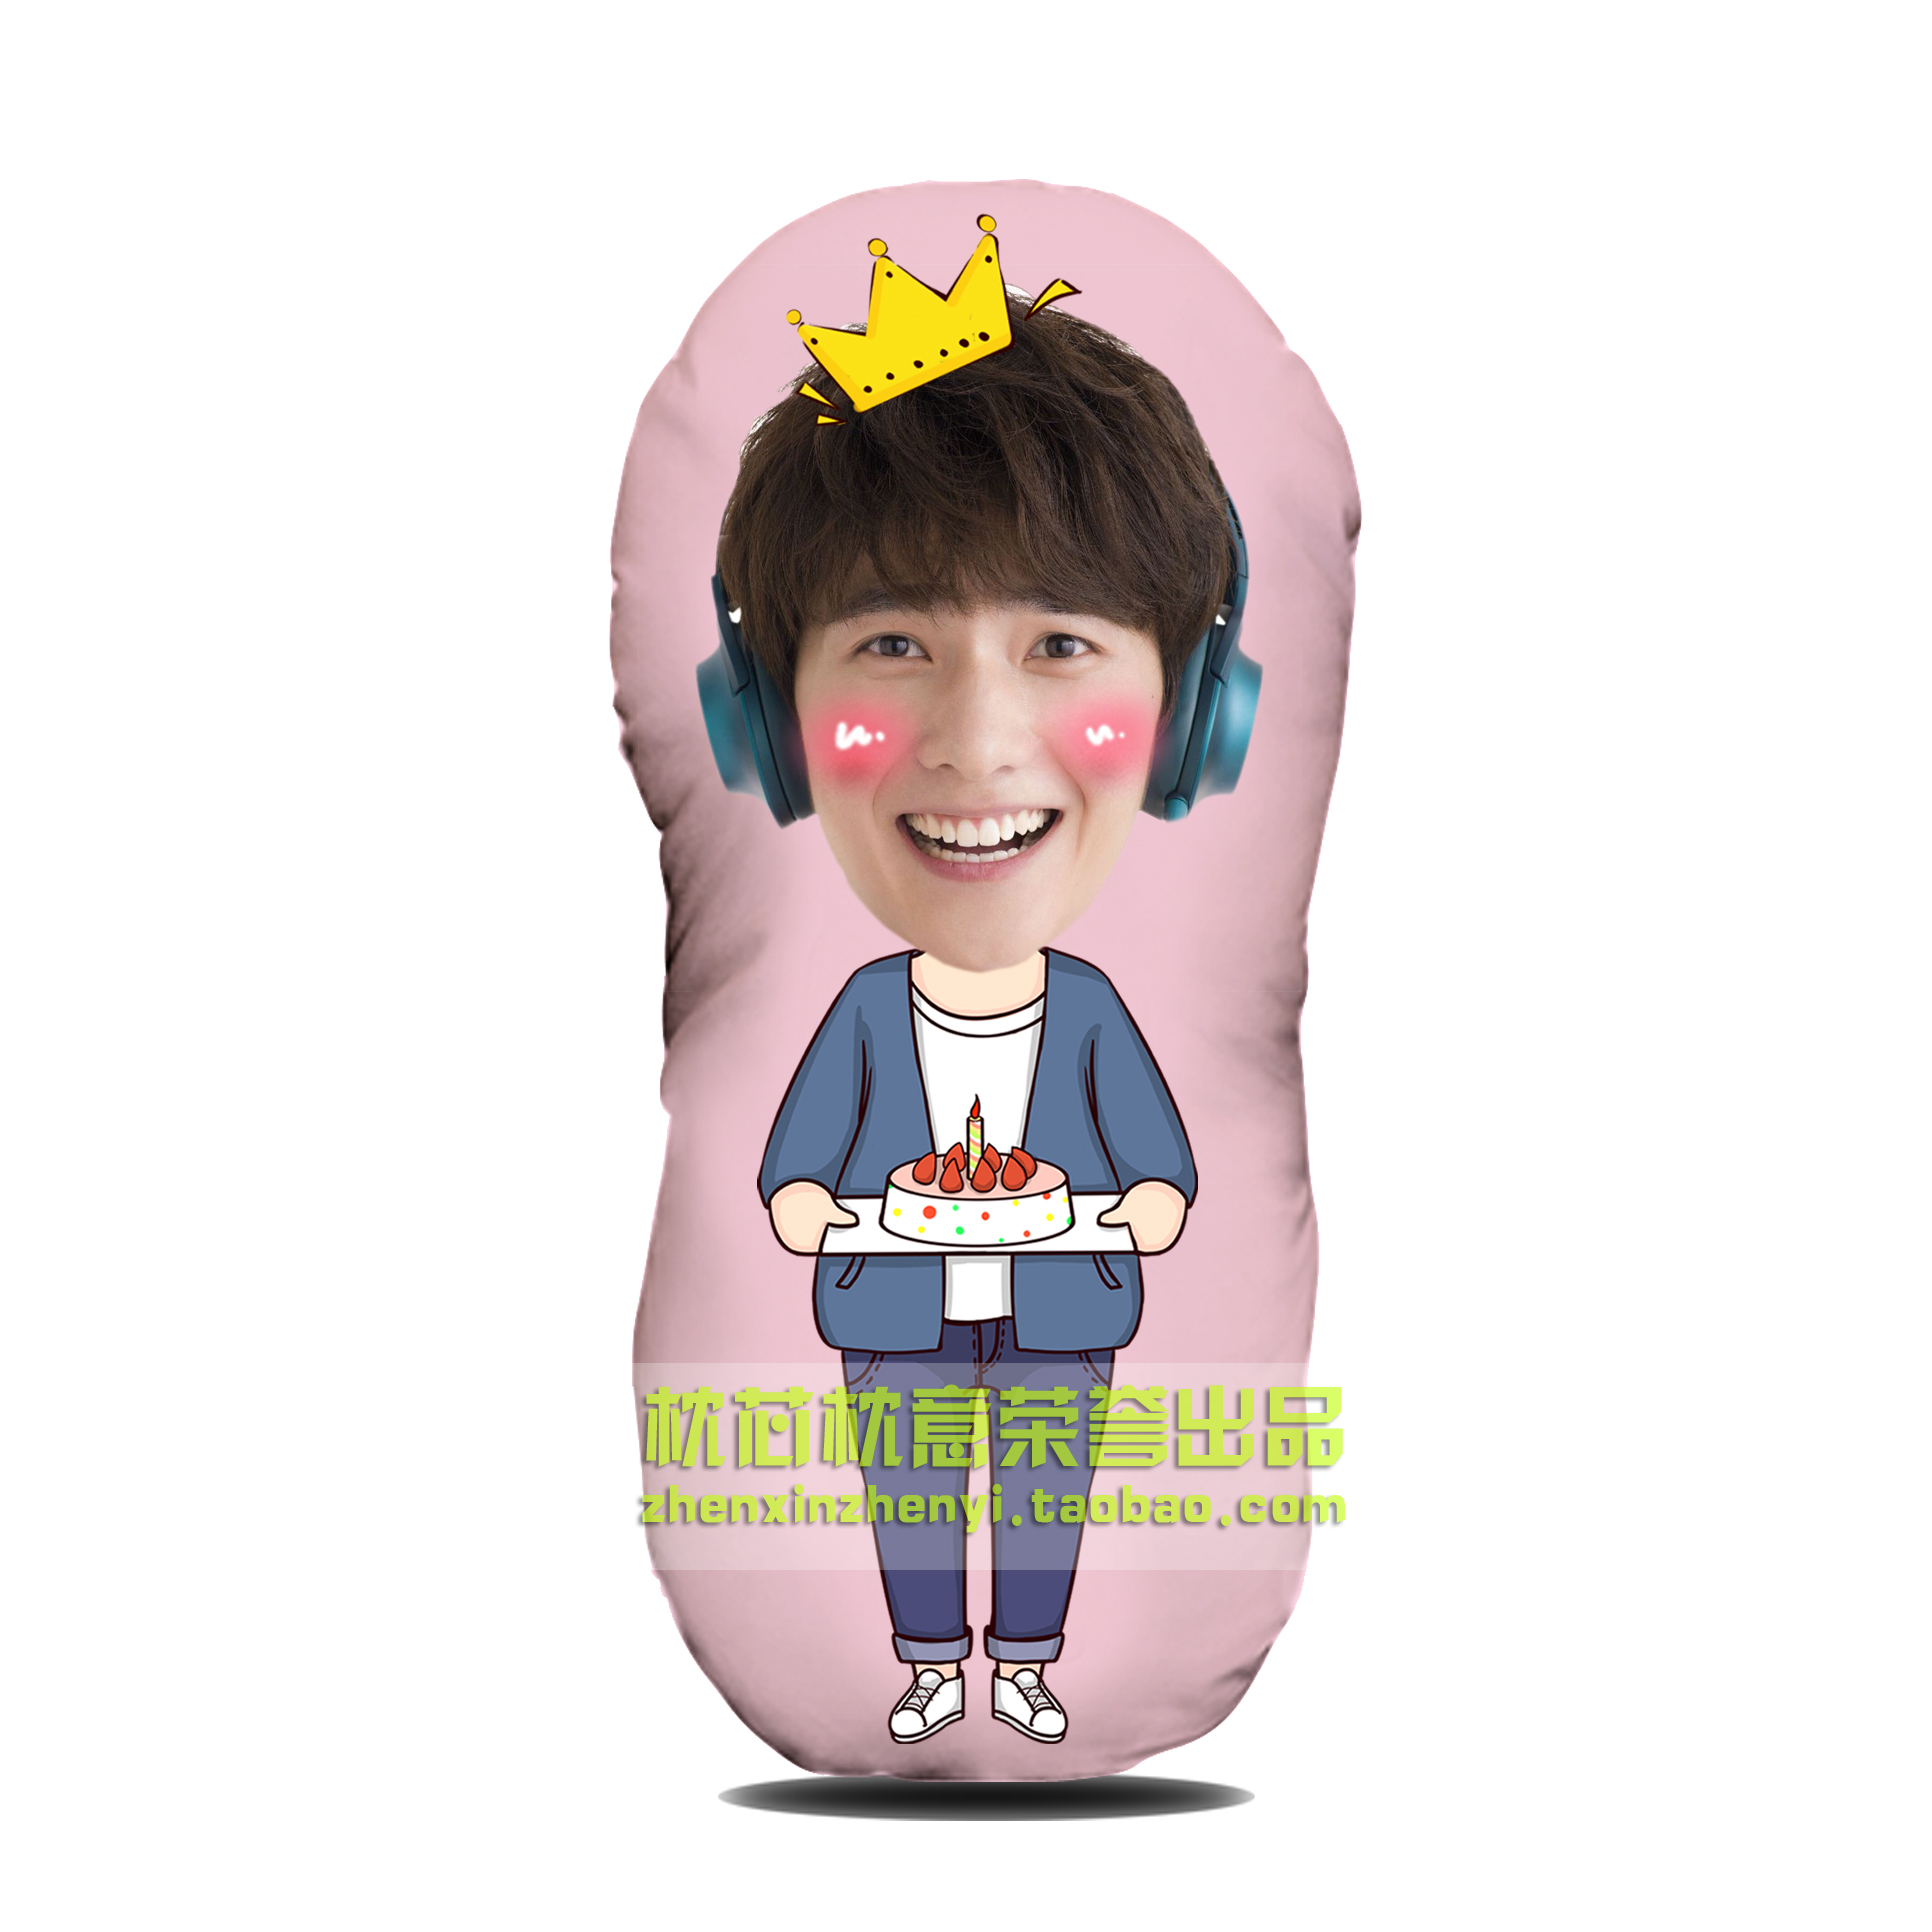 人形の抱き枕のぬいぐるみ(楊洋)誕生日プレゼントDIY異形Q版抱き枕靠垫スター写真カスタム